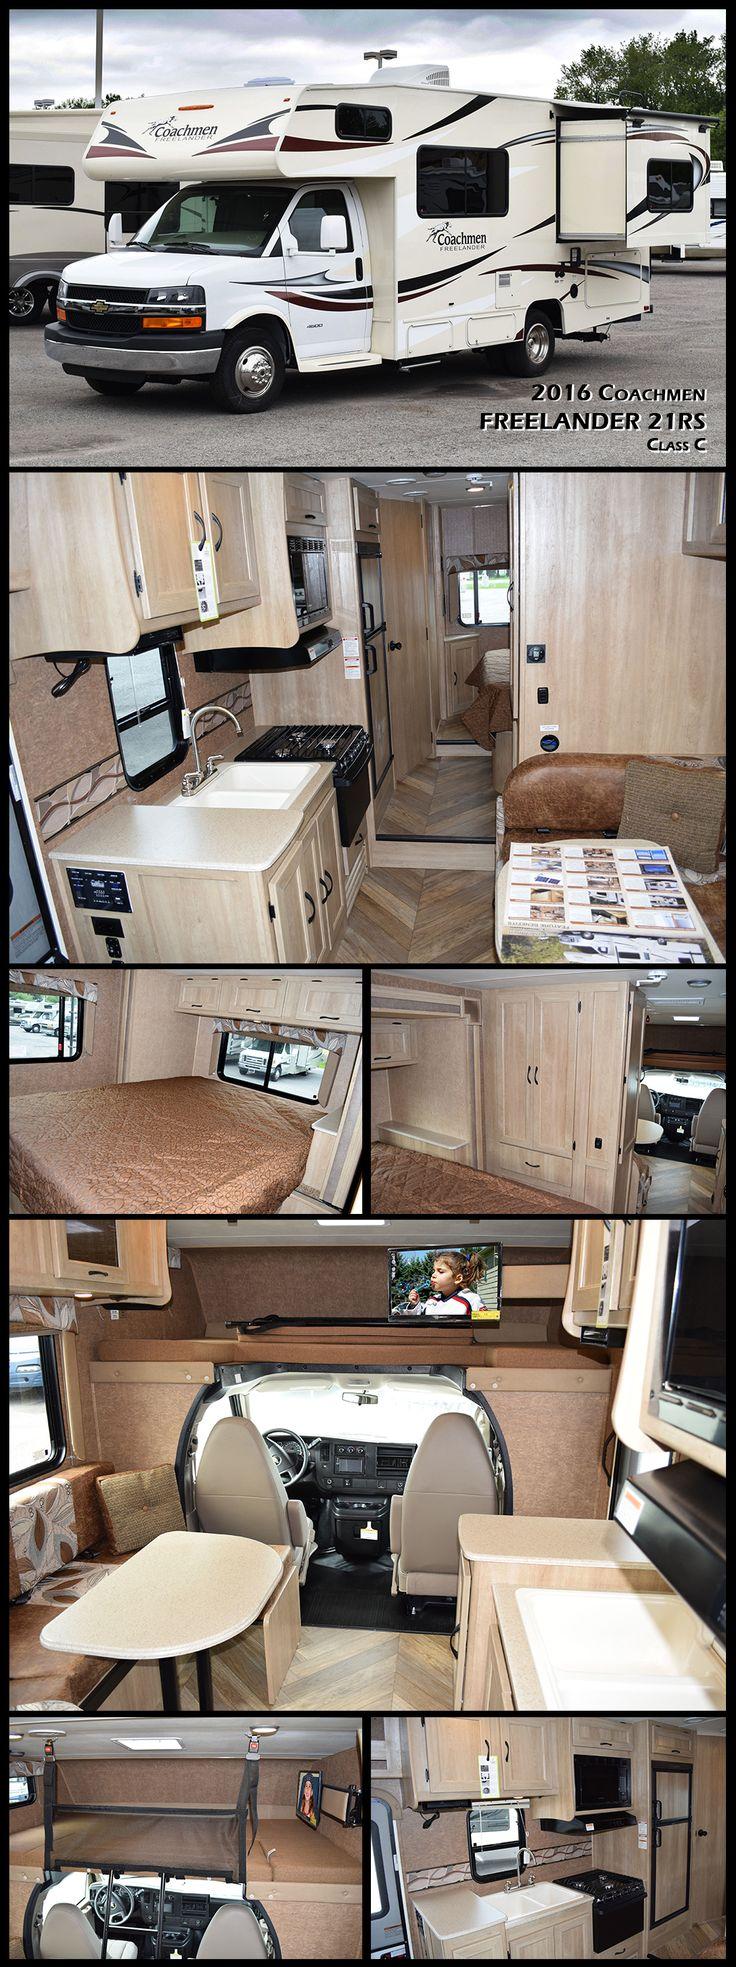 5x8 badezimmer design  best mobile living images on pinterest  campers mobile home